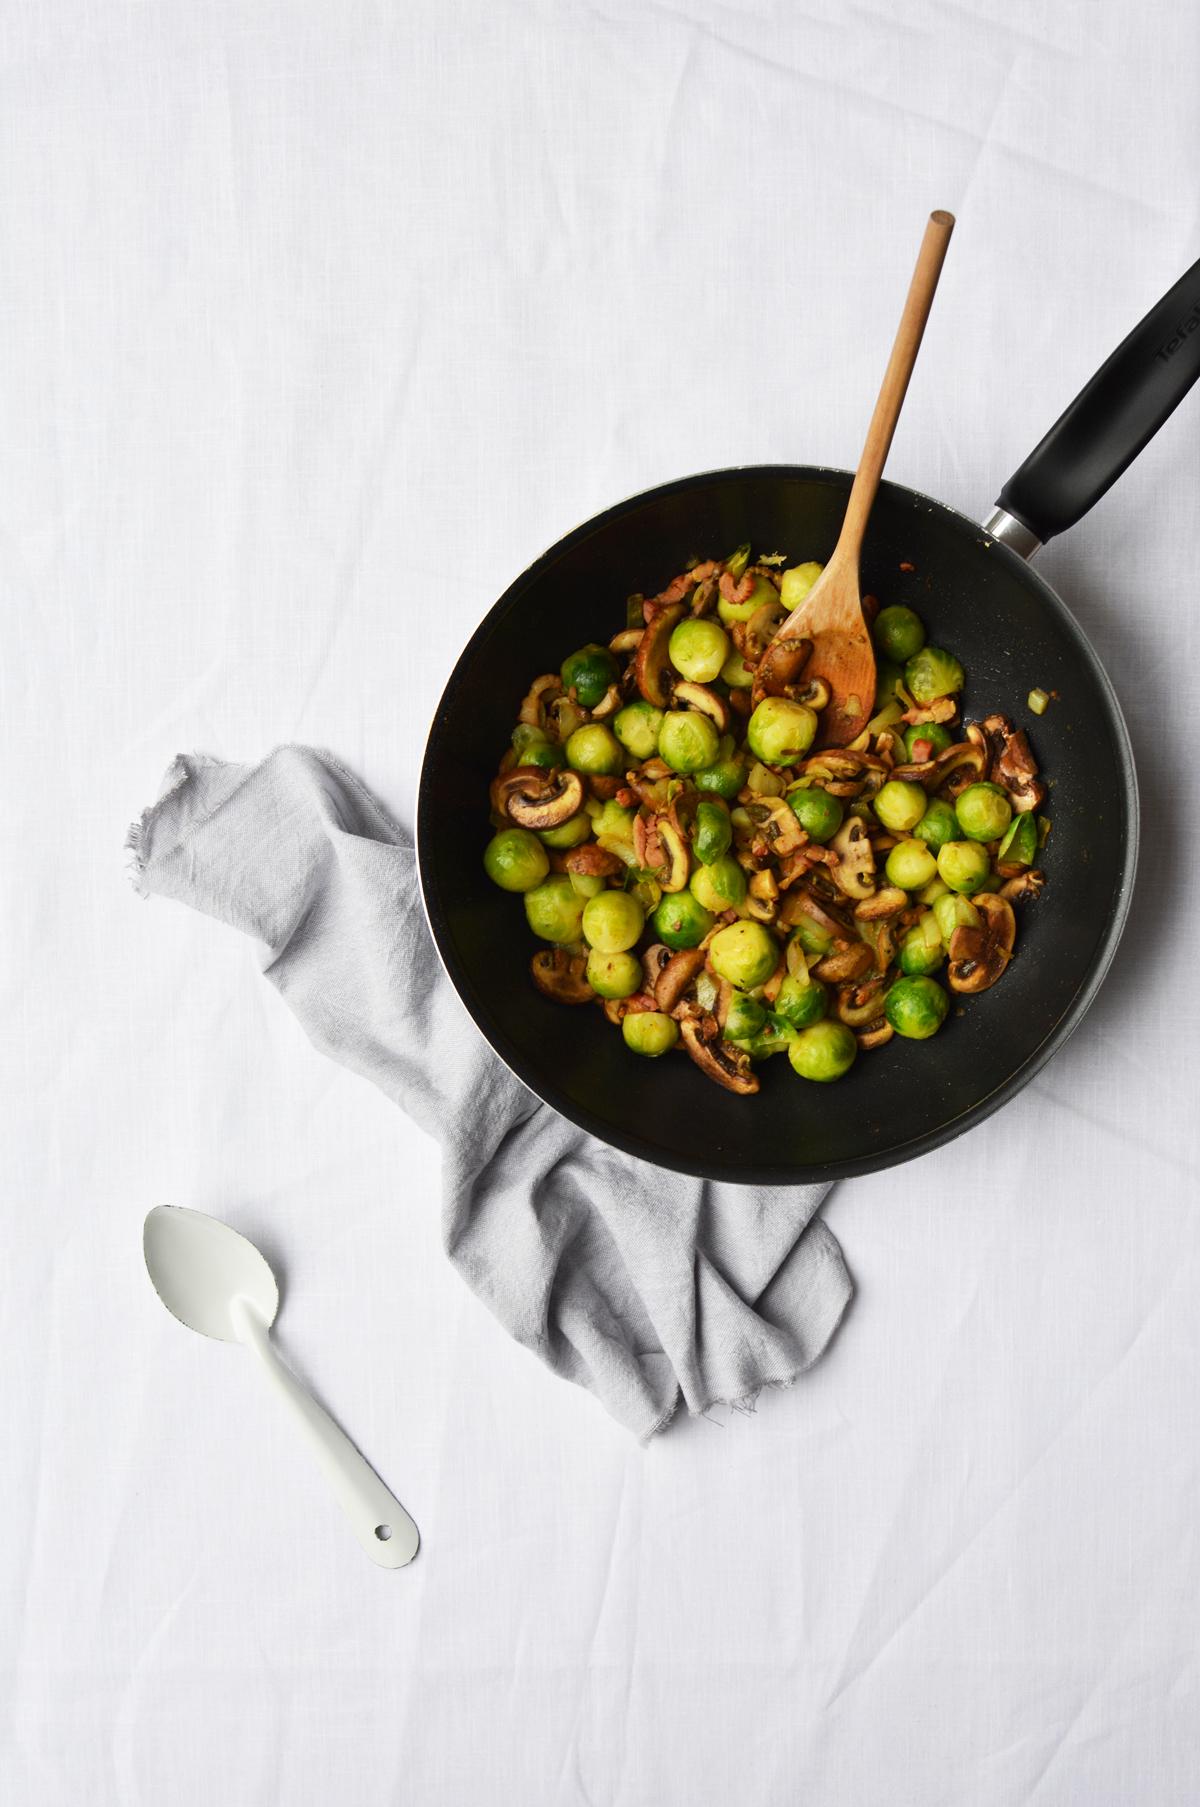 Spruitjes uit de wok 8